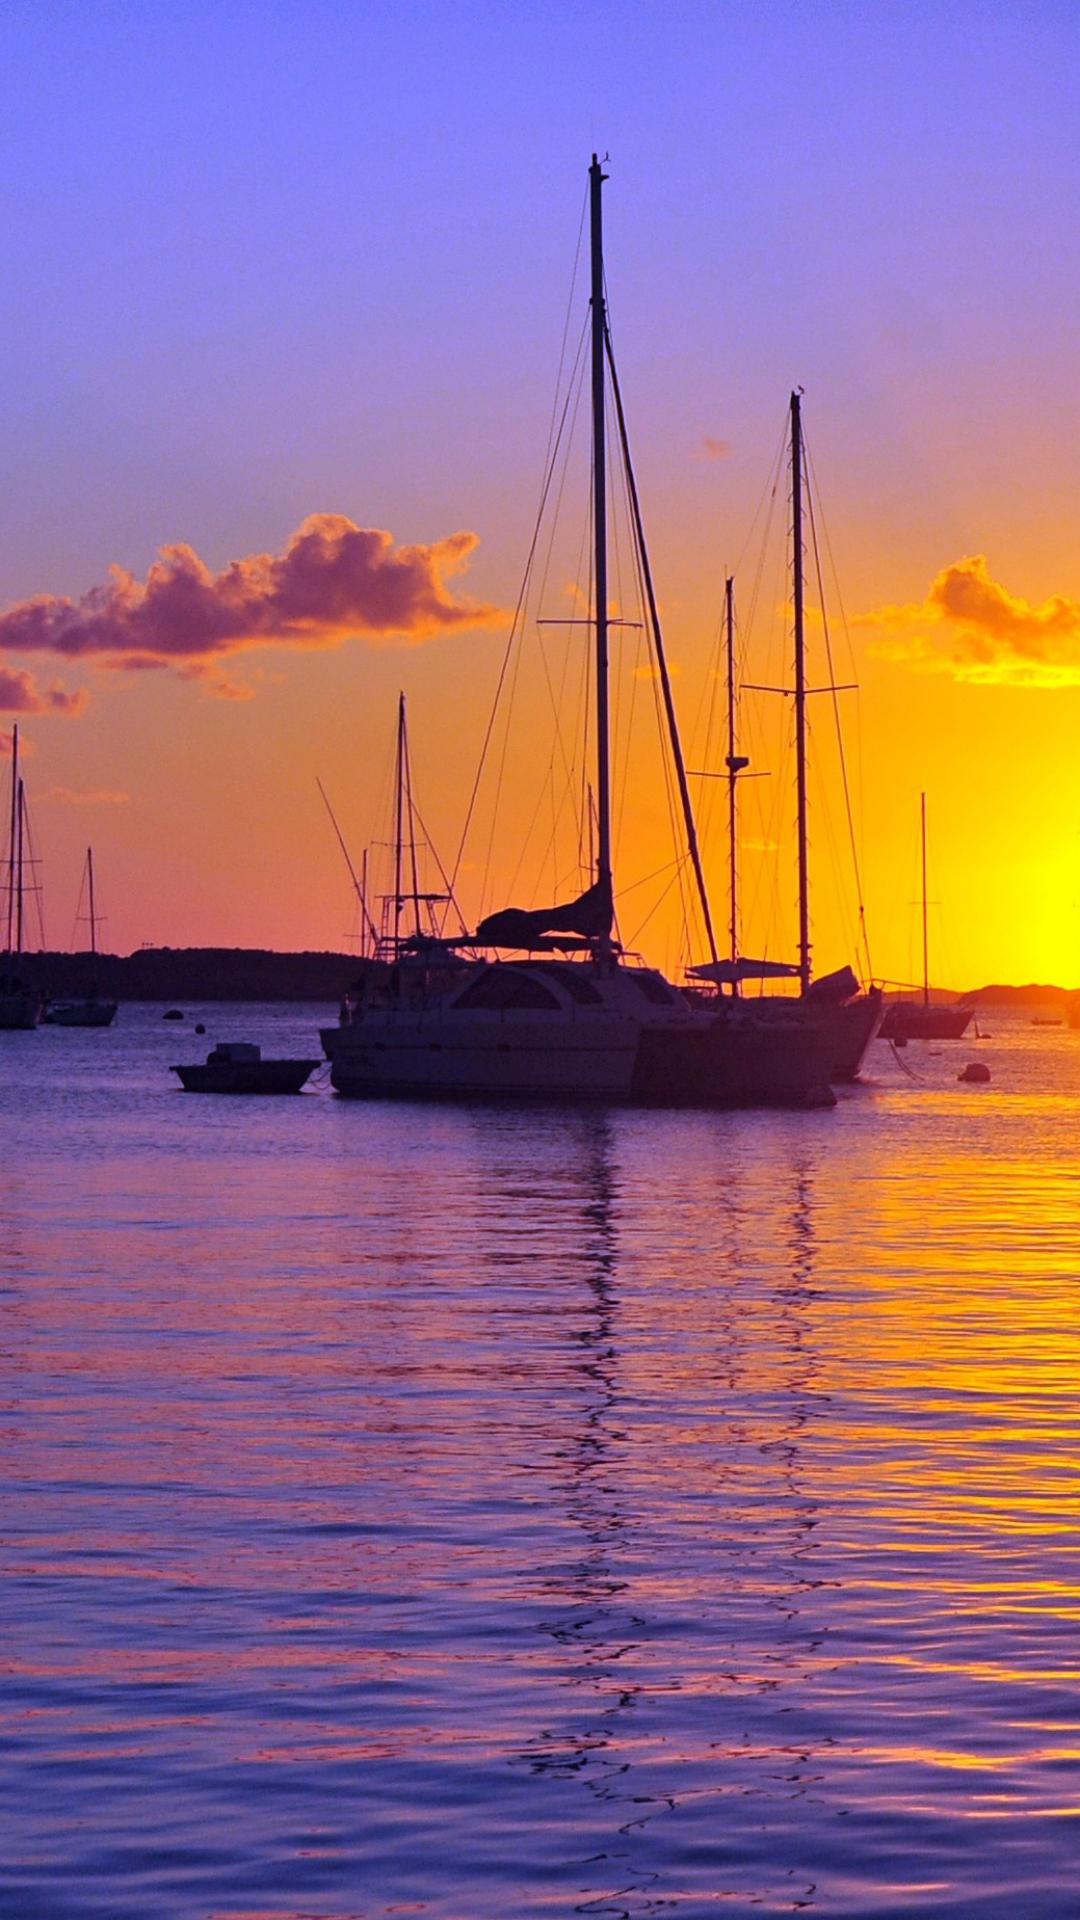 1080x1920-sea-boat-sun-wallpaper-wp360637